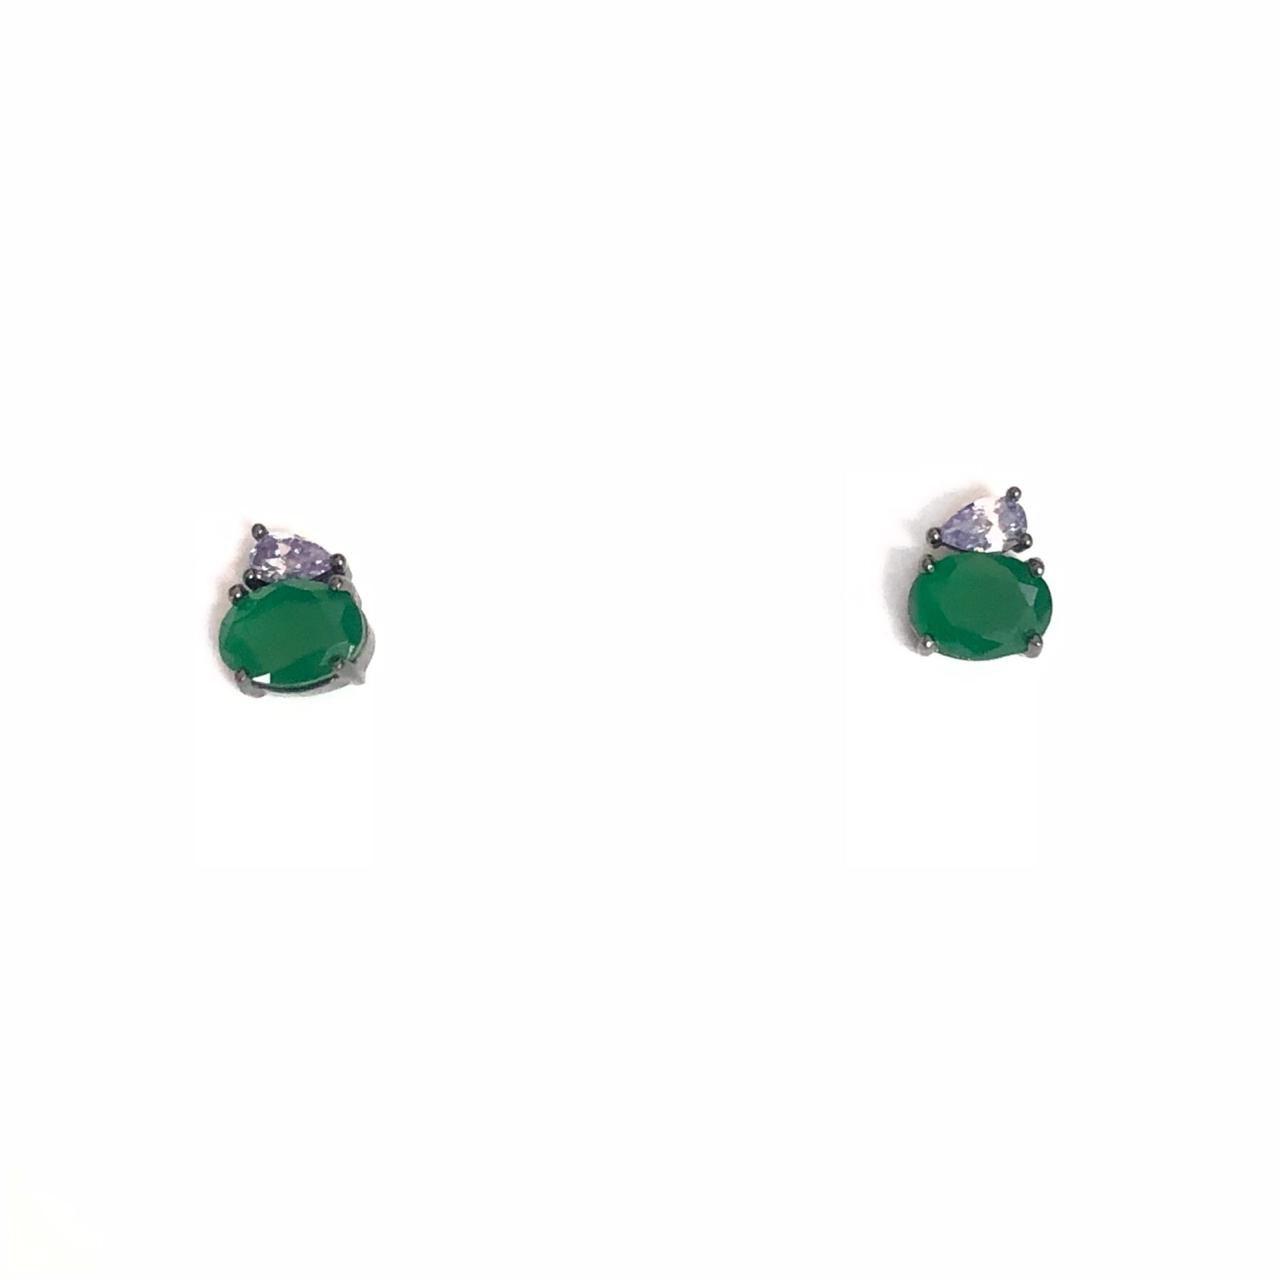 Brinco Em Prata 925 Banho Em Ródio Pedra Verde